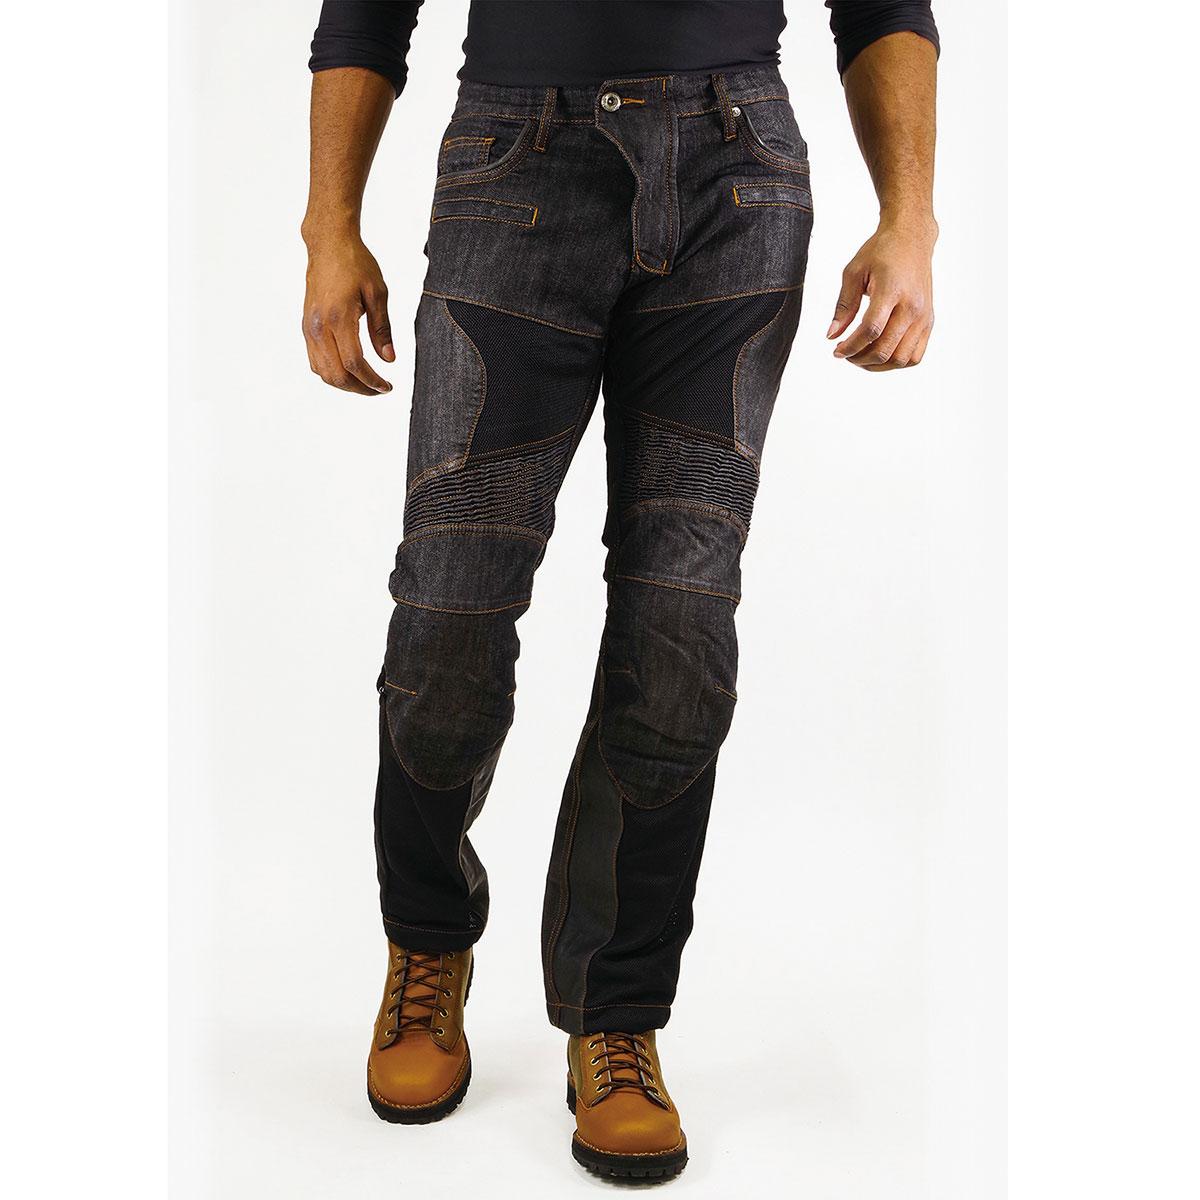 <title>コミネ Komine バイク用 パンツ Pants WJ-741S スーパーフィットプロテクトレザーメッシュジーンズ ディープ インディゴ 直輸入品激安 青 WSサイズ 07-741 DIN WS 26</title>